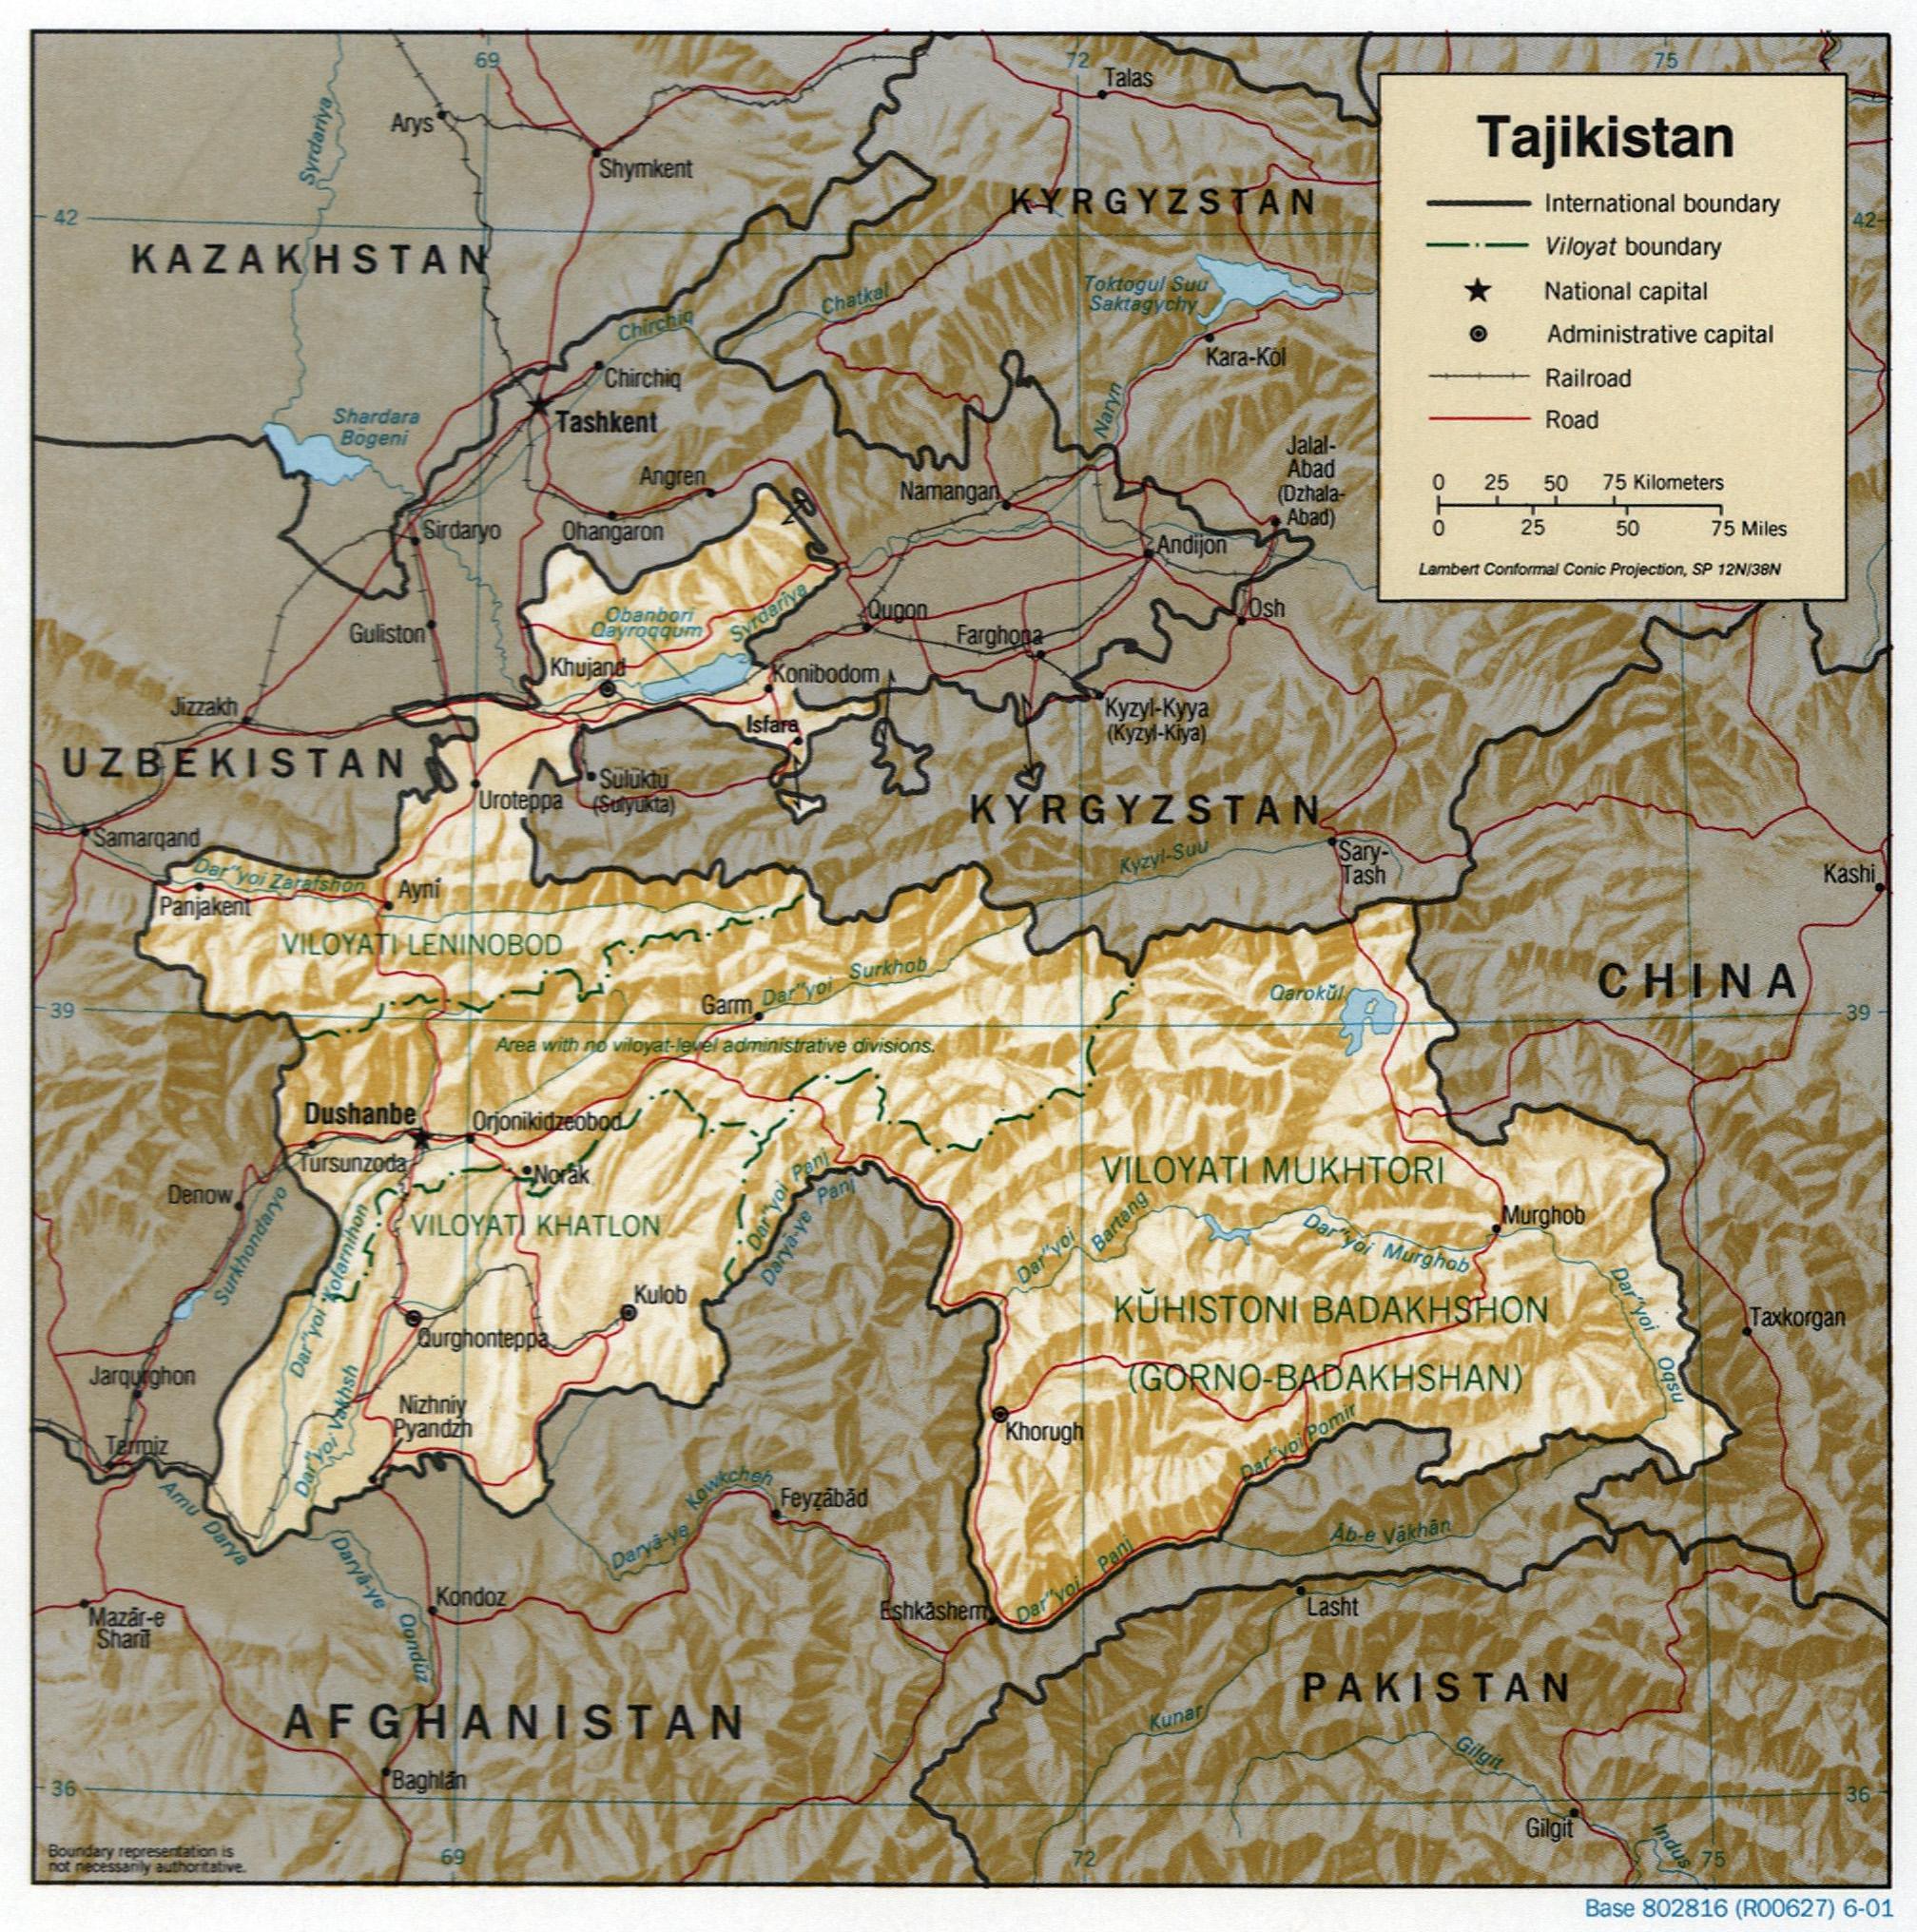 Image:Tajikistan 2001 CIA map